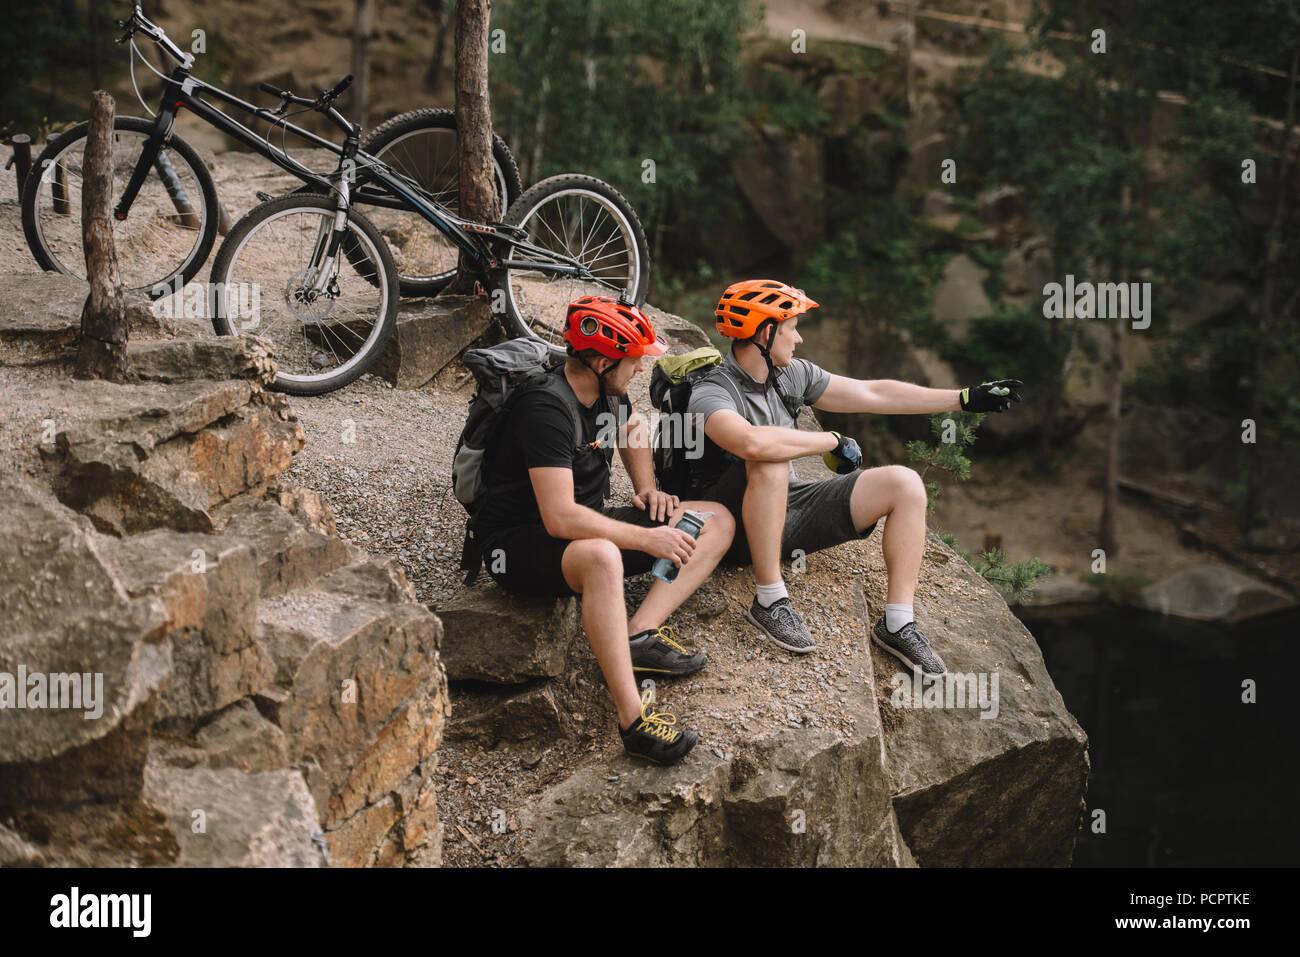 Angolo di alta vista di giovani motociclisti prova rilassante sulla scogliera rocciosa dopo ride e guardando lontano Immagini Stock